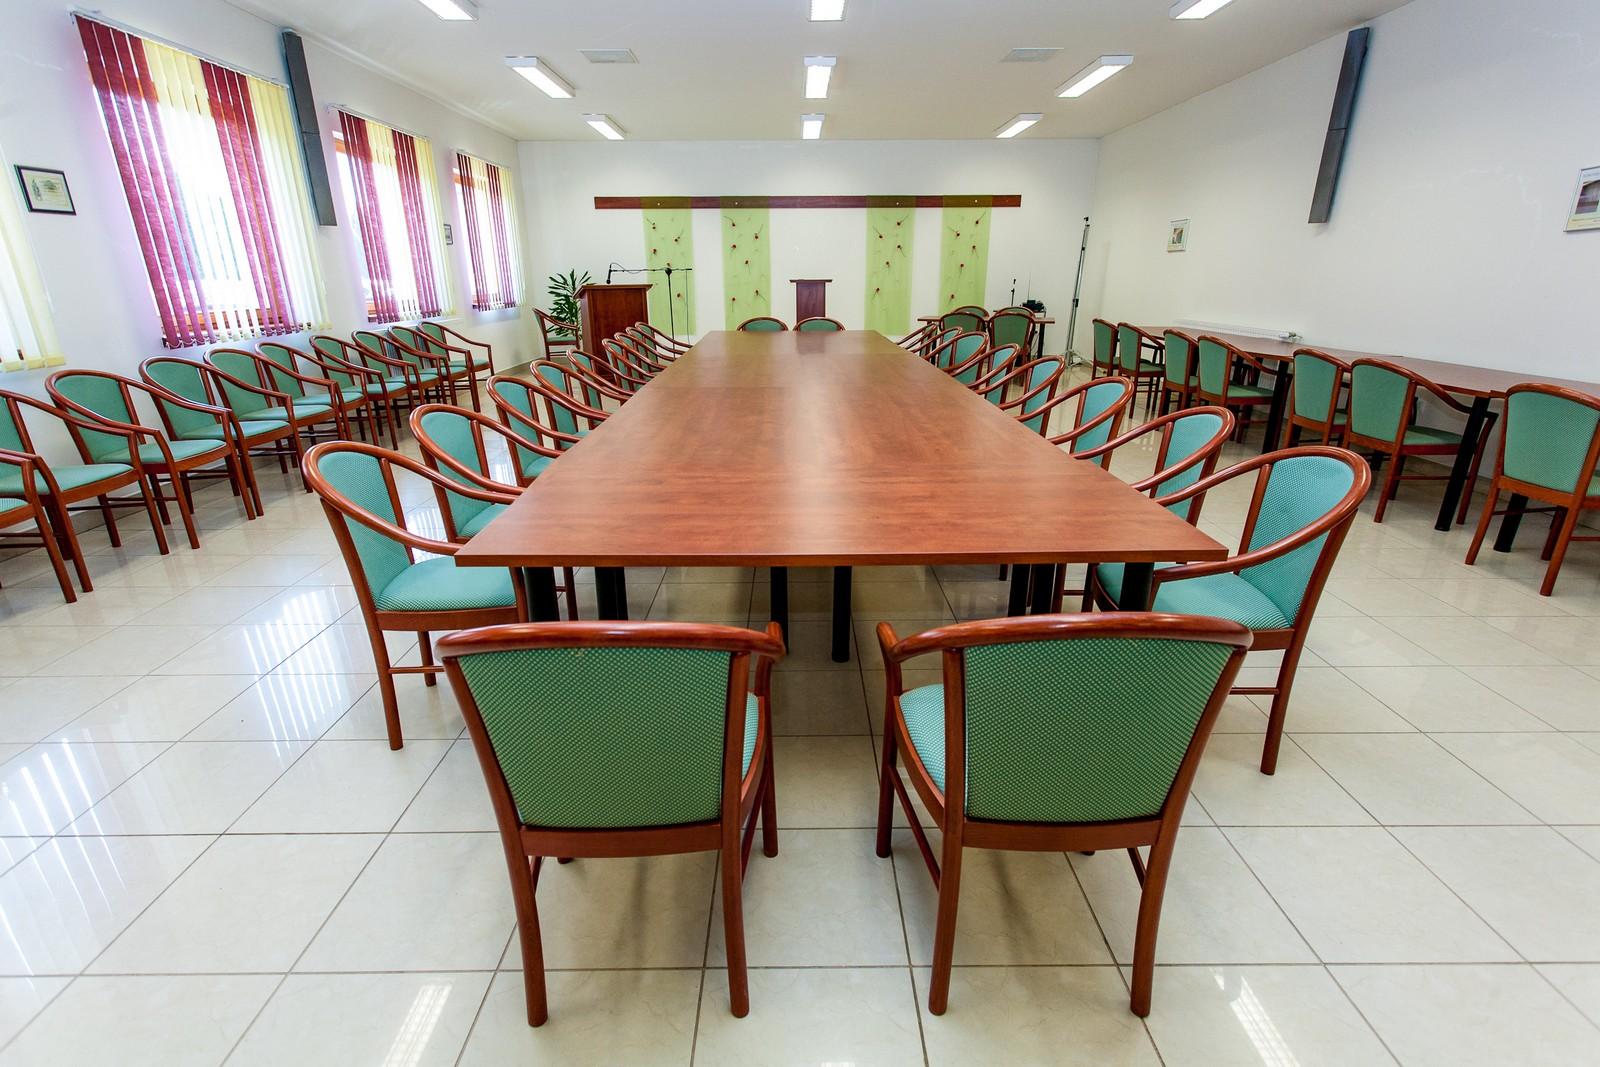 Felnőttképző konferencia terem